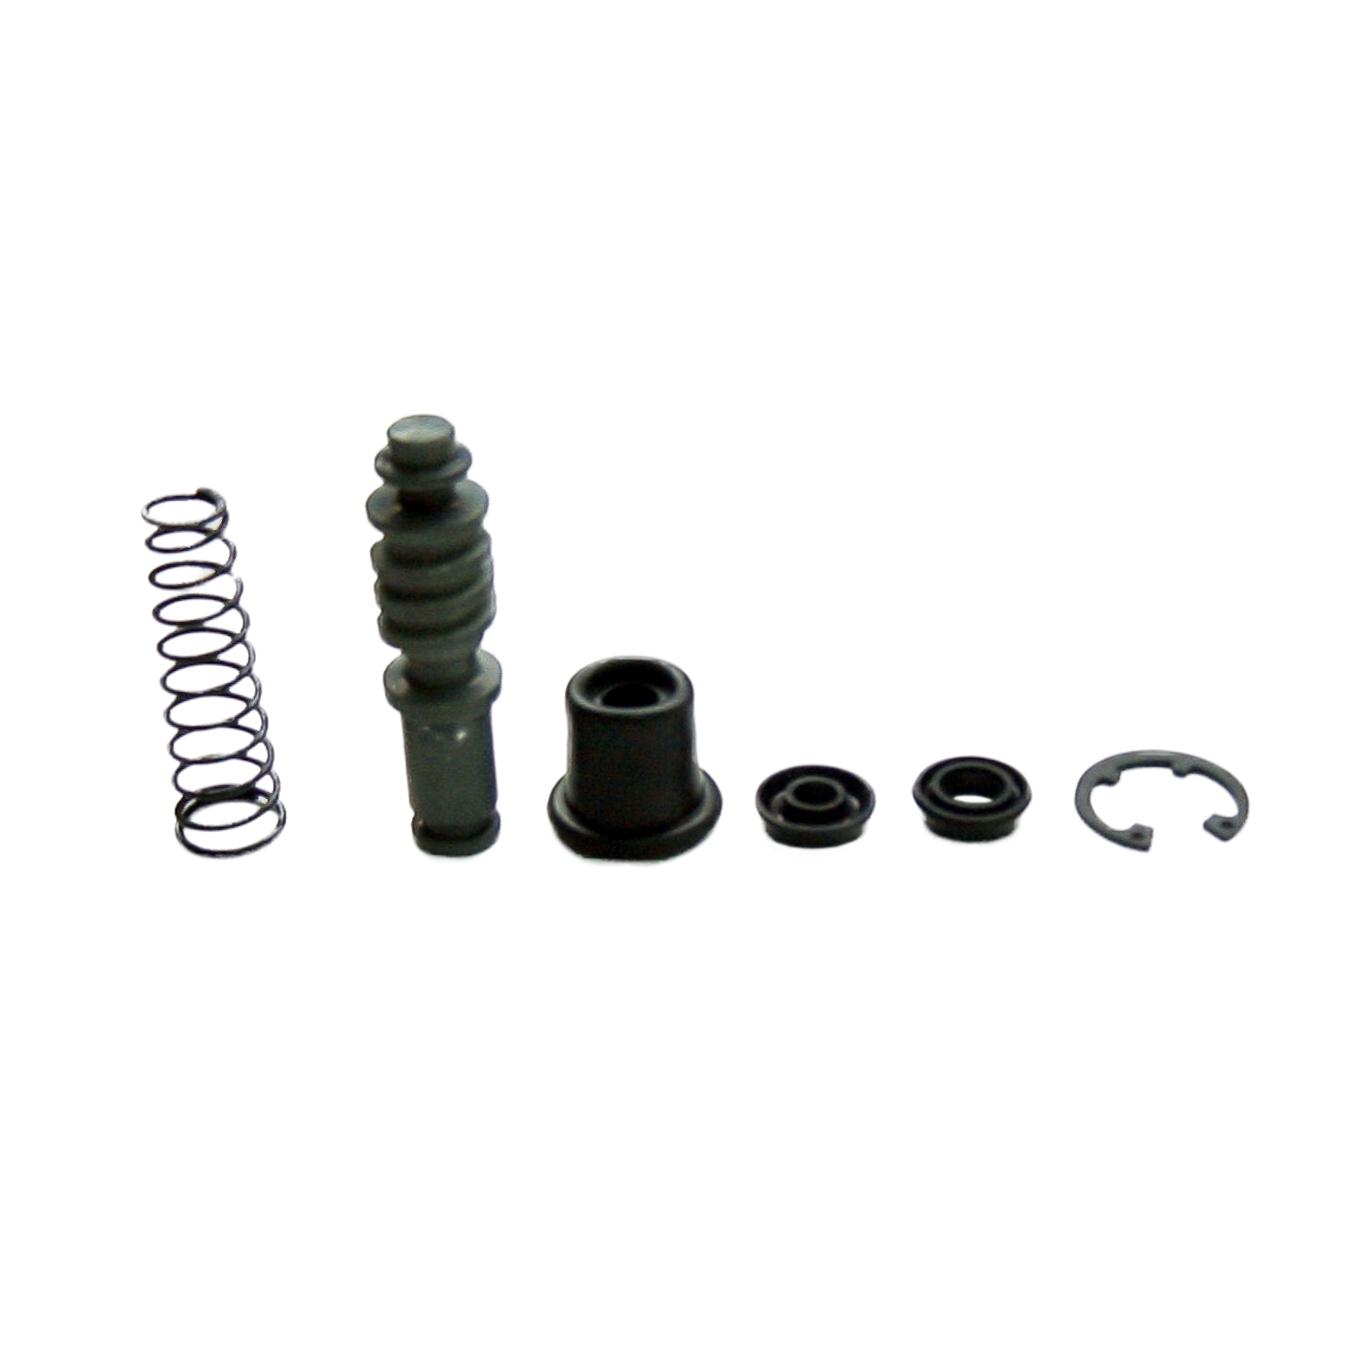 Kit réparation maître-cylindre de frein avant Tour Max Suzuki 800 DR 9